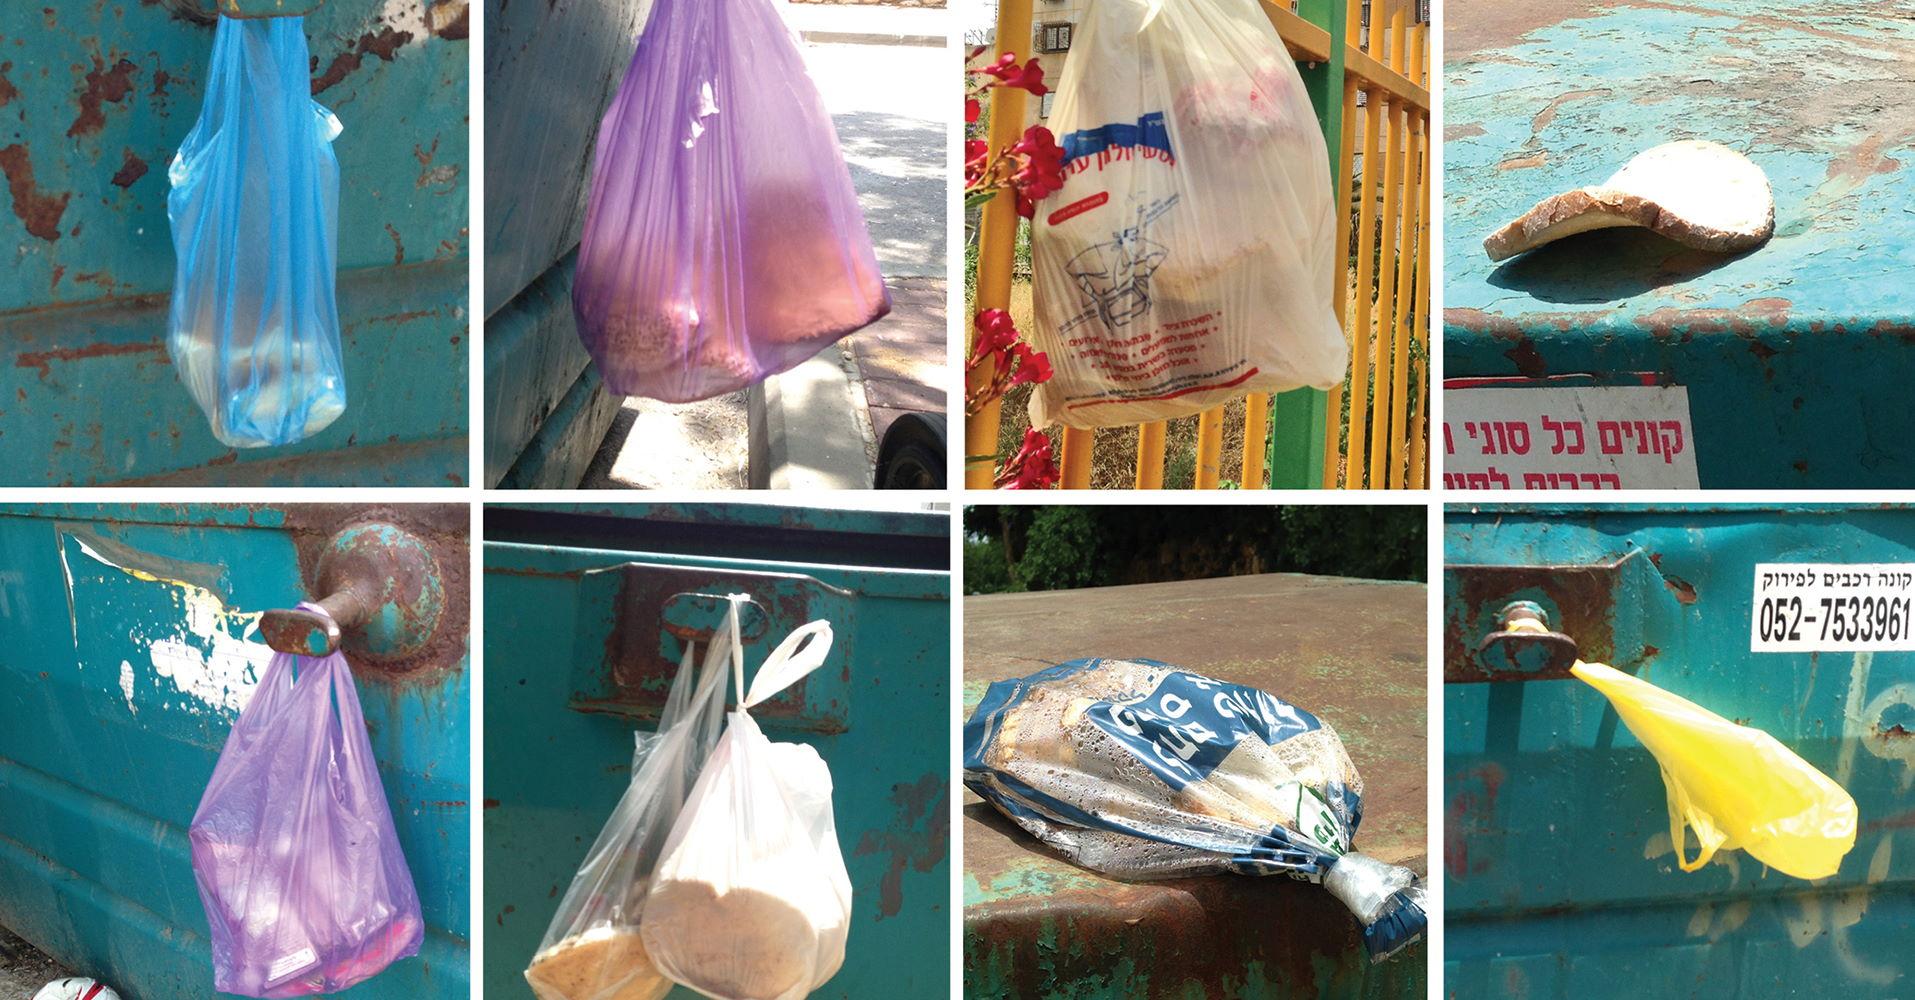 מה ניתן ללמוד מגישות קודמות לטיפול באשפה בישראל